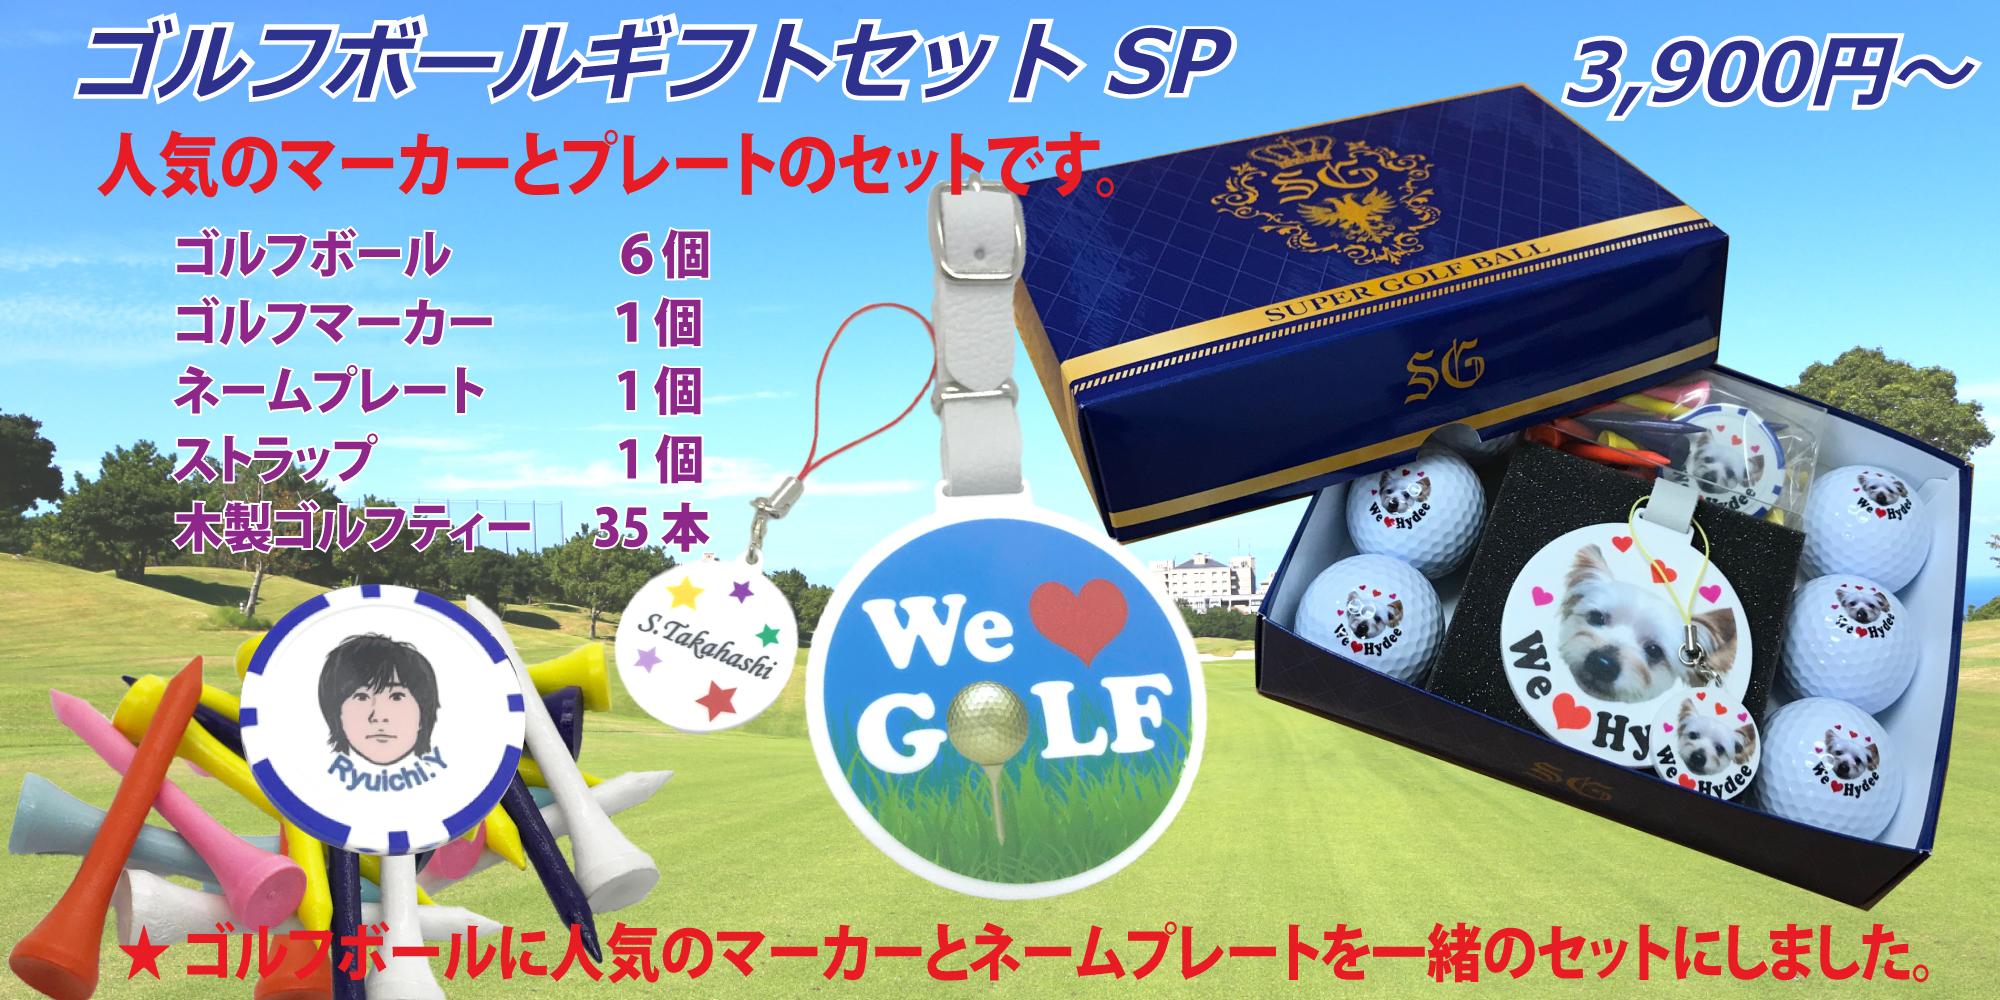 名入れゴルフボールギフトセットSP フルカラーのオリジナルゴルフマーカー&ネームタグ付きです